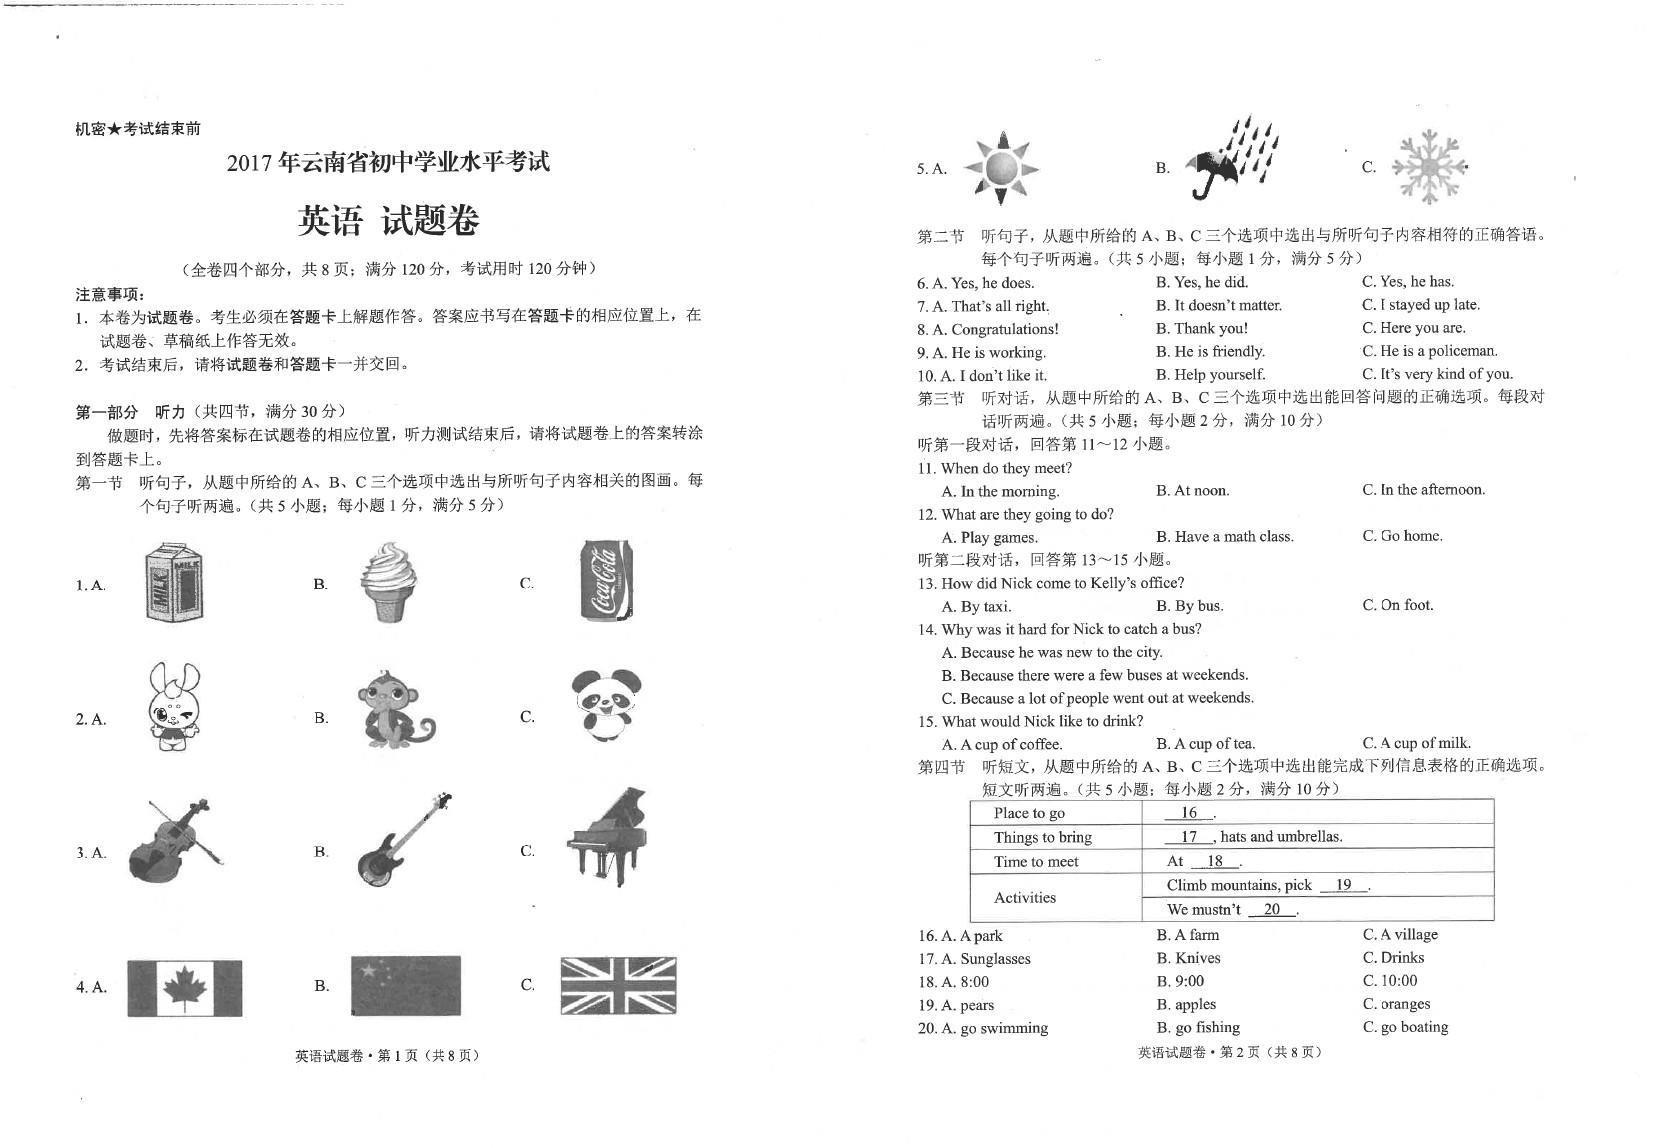 2017年云南省學業作文水平考試英語文字及答題卡答案的試卷珍藏600初中作初中圖片